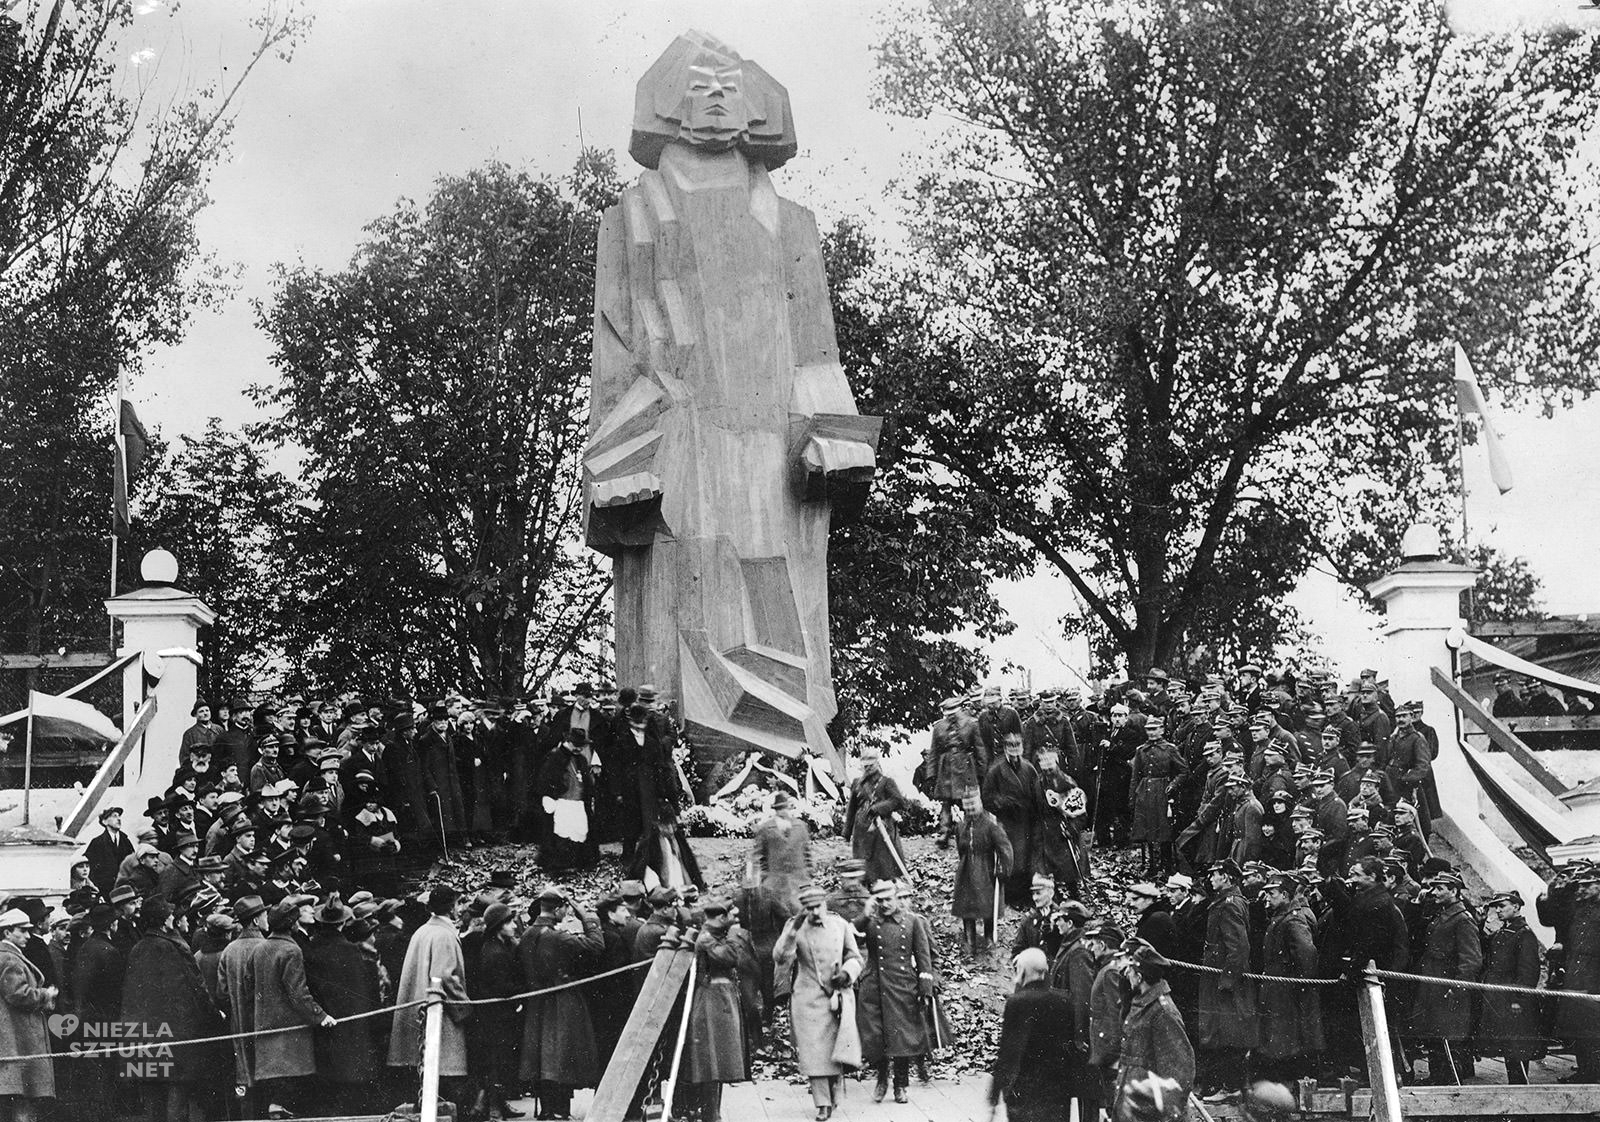 Zbigniew Pronaszko, pomnik Adama Mickiewicza, sztuka polska, niezła sztuka